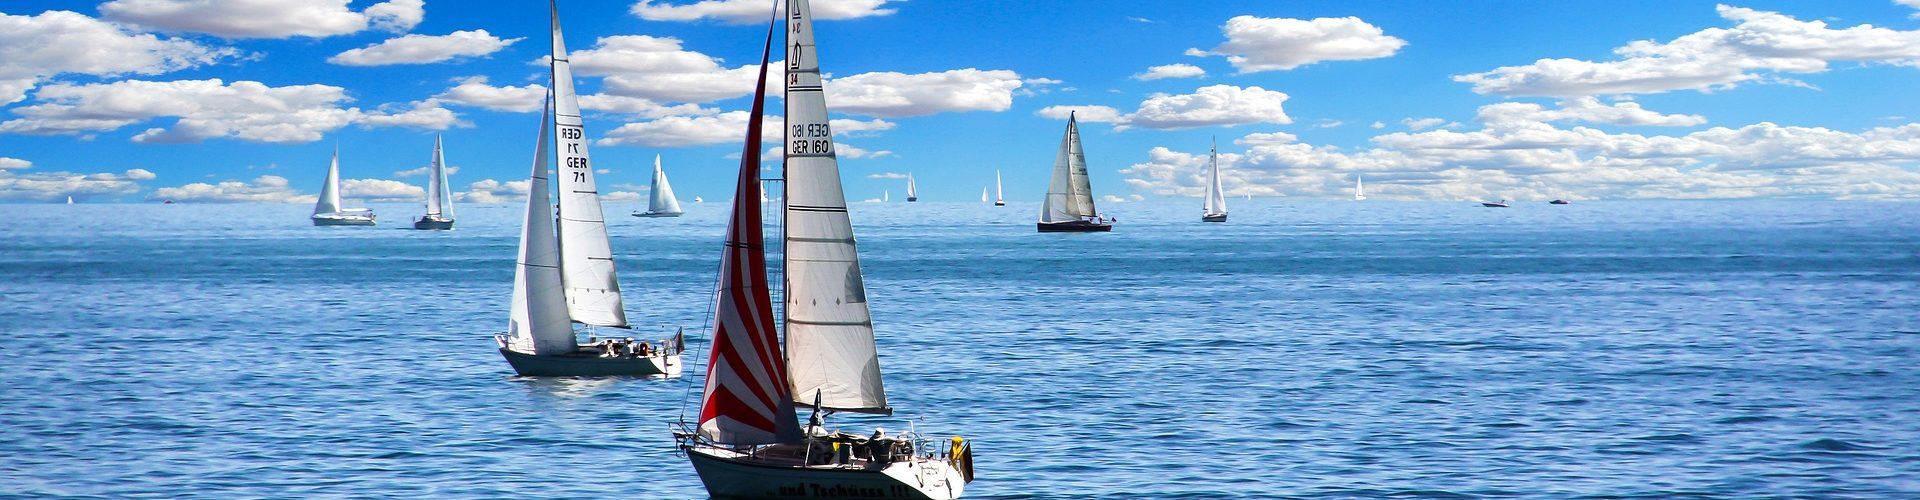 segeln lernen in Greifswald segelschein machen in Greifswald 1920x500 - Segeln lernen in Greifswald